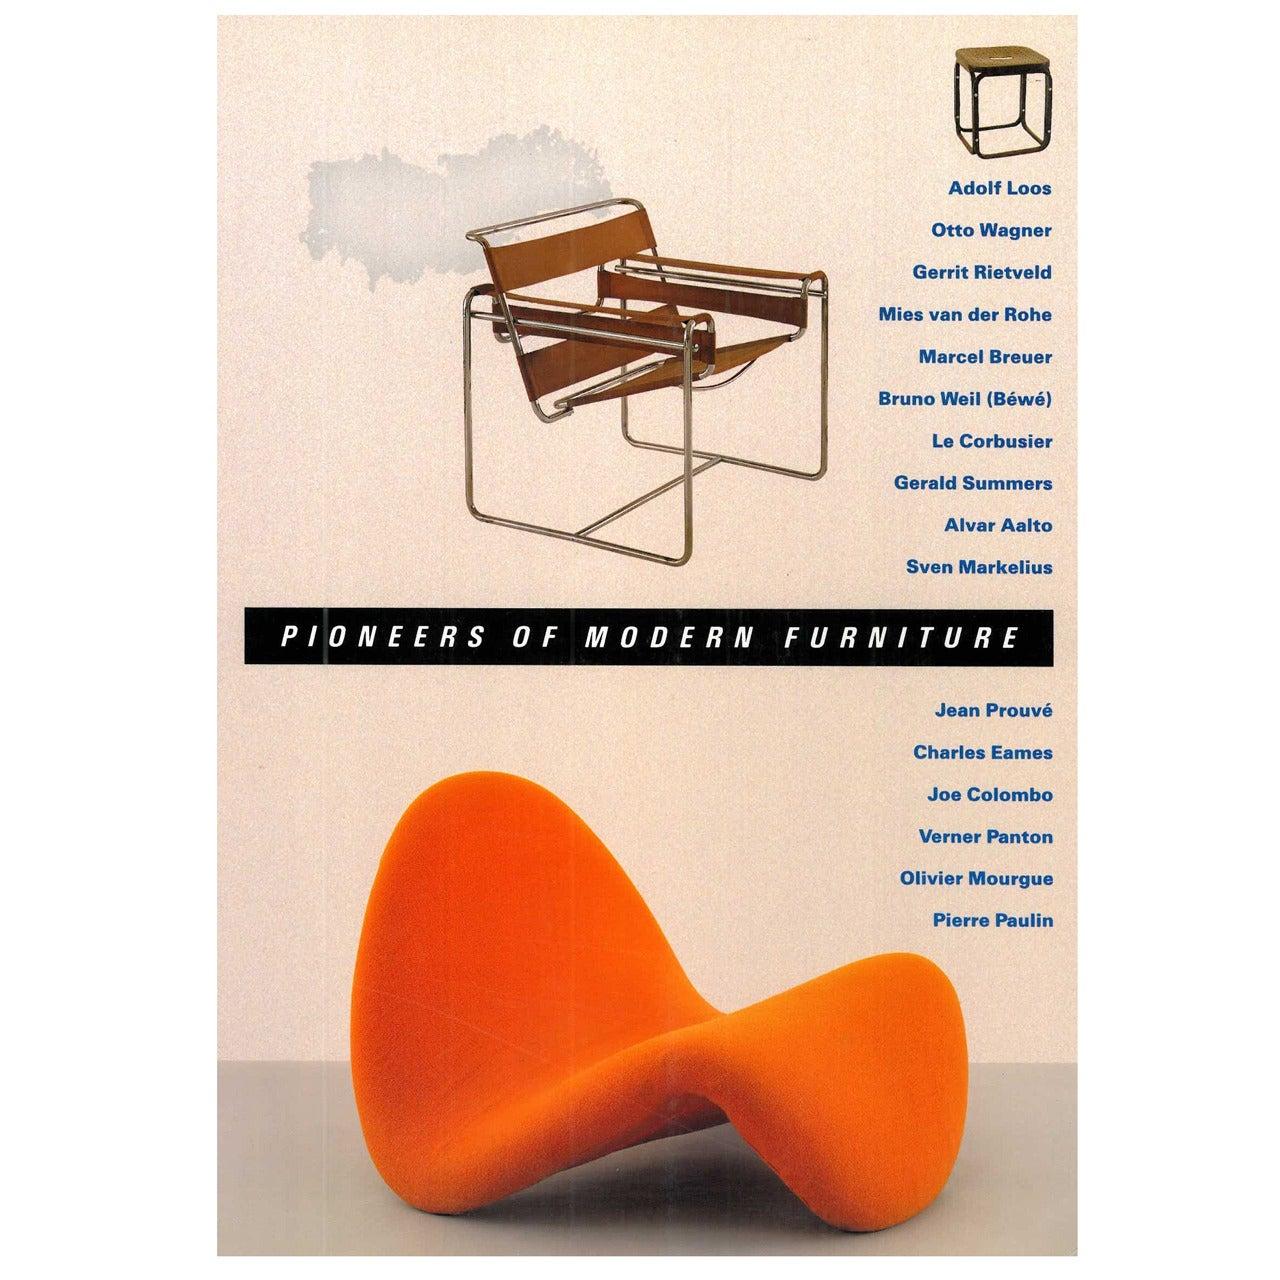 Pioneers of Modern Furniture